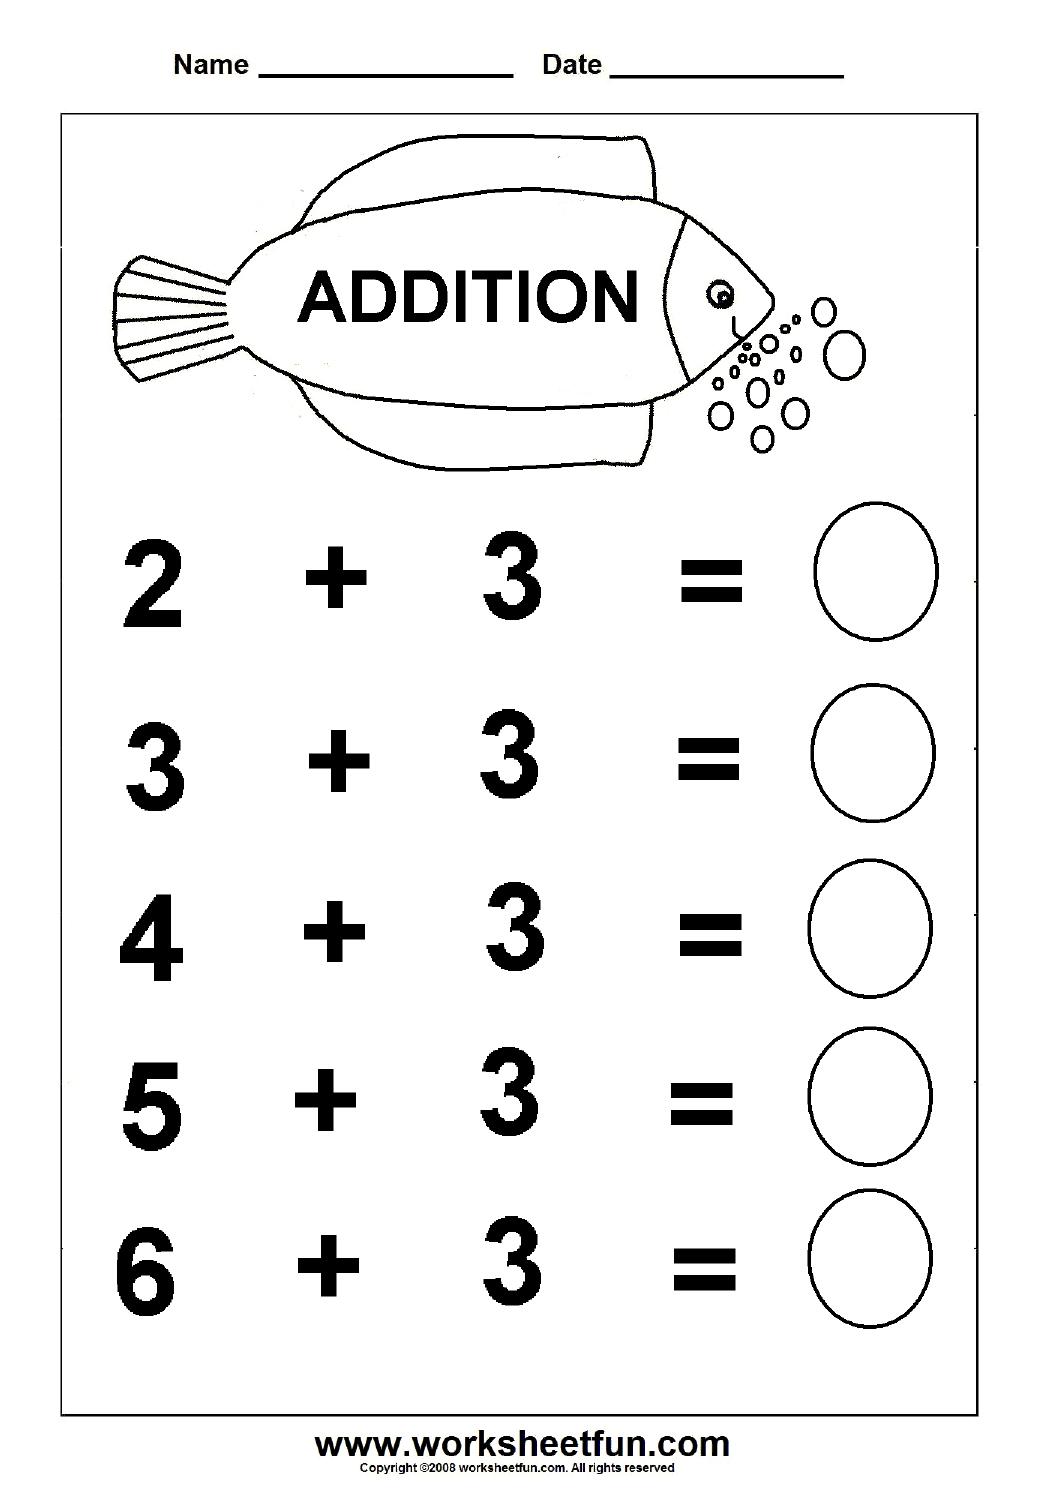 Beginner Addition – 6 Kindergarten Addition Worksheets / Free - Free Printable Simple Math Worksheets